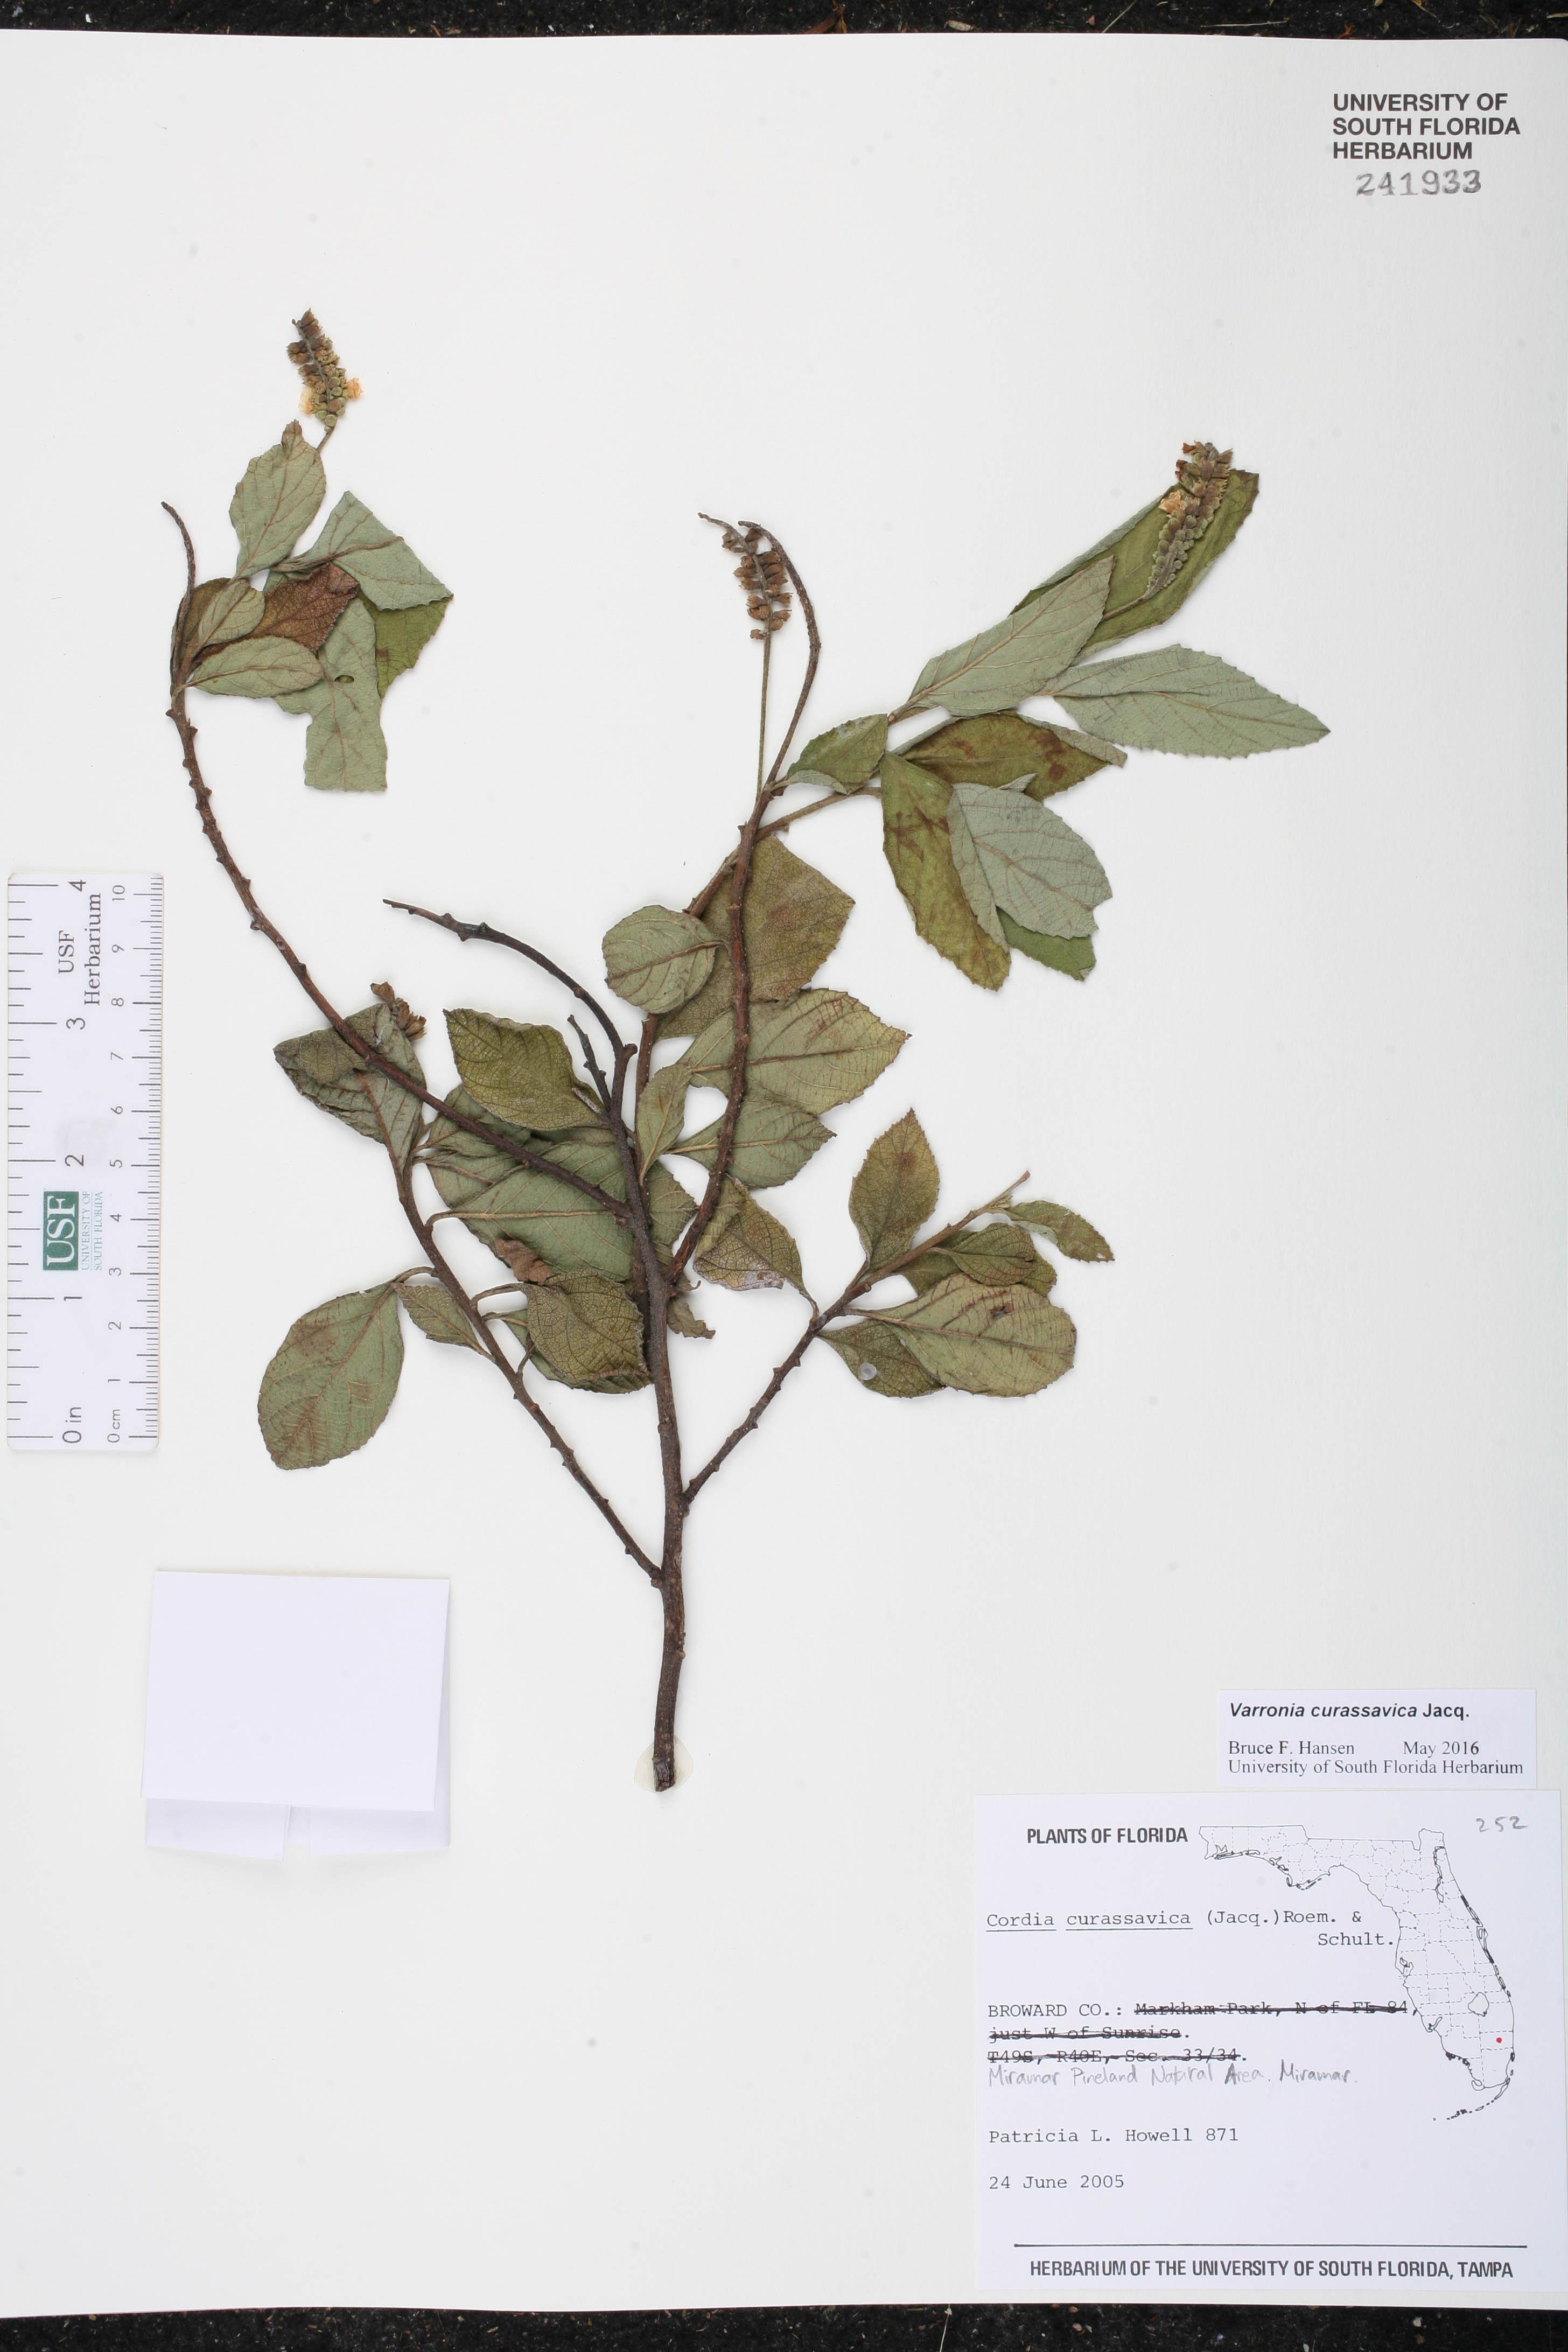 bay frunze de la varicoză prevenirea etapei varicoza